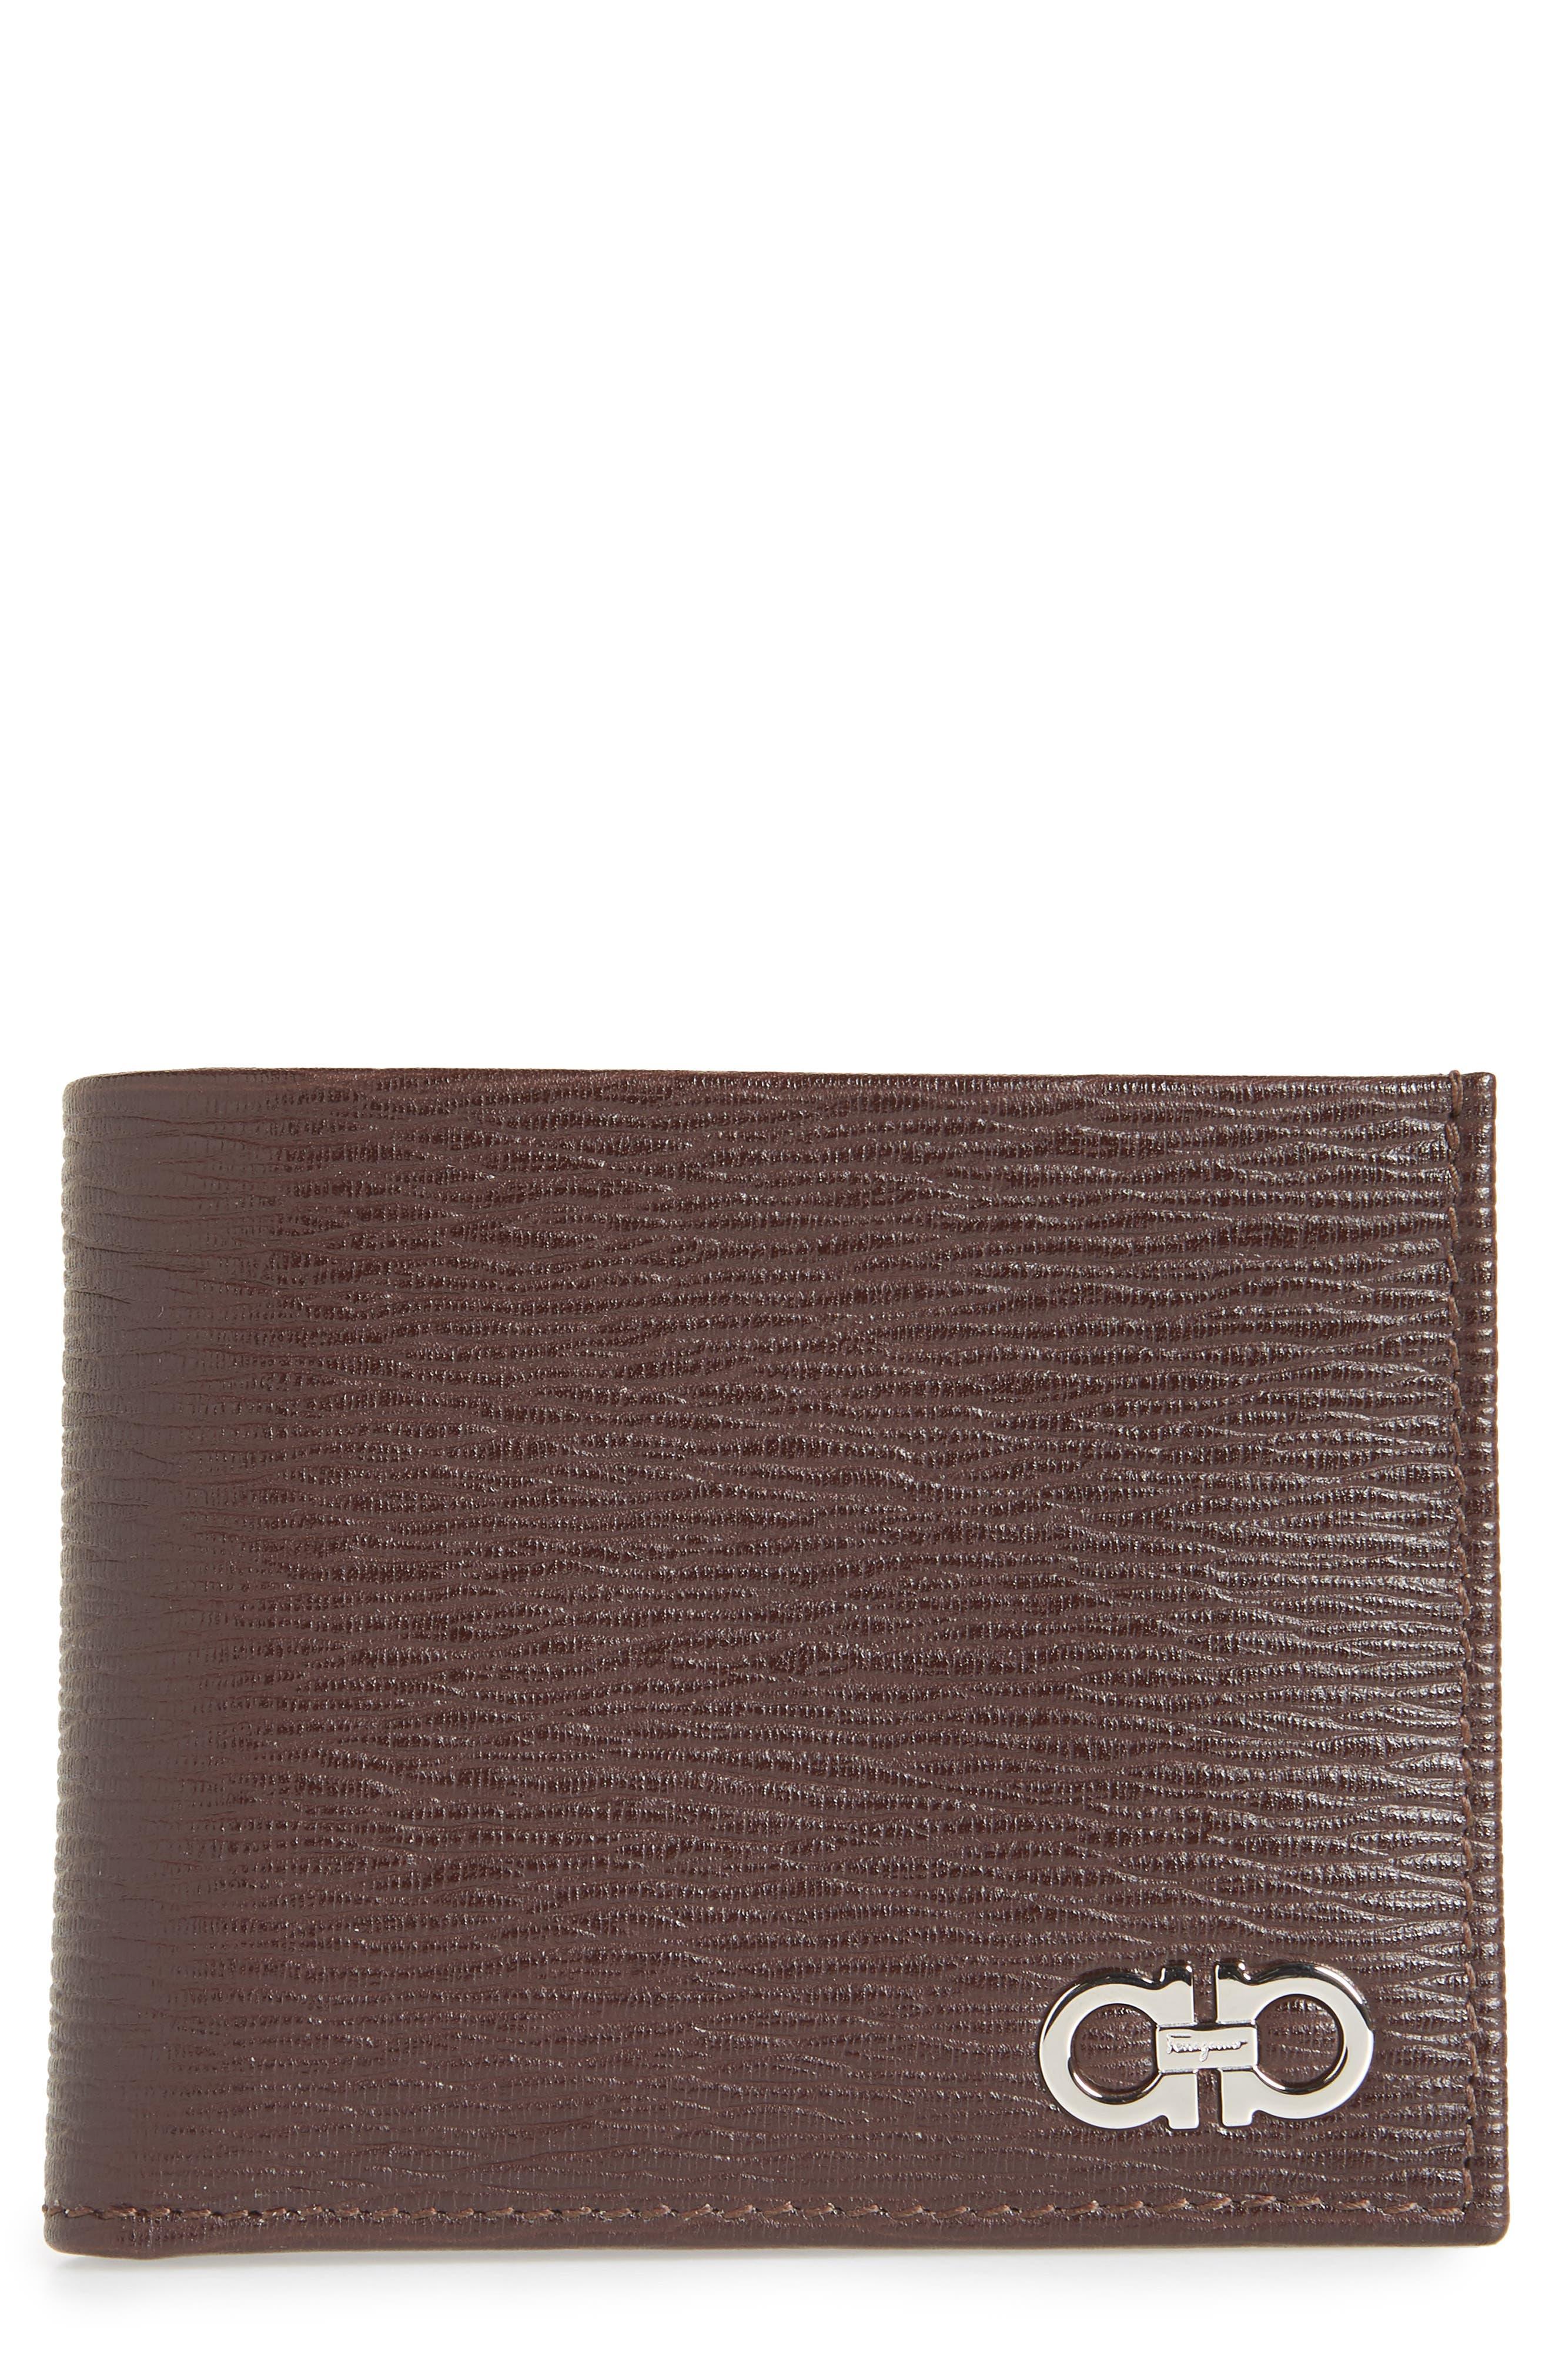 Revival Gancio Bifold Leather Wallet,                         Main,                         color, TOBACCO